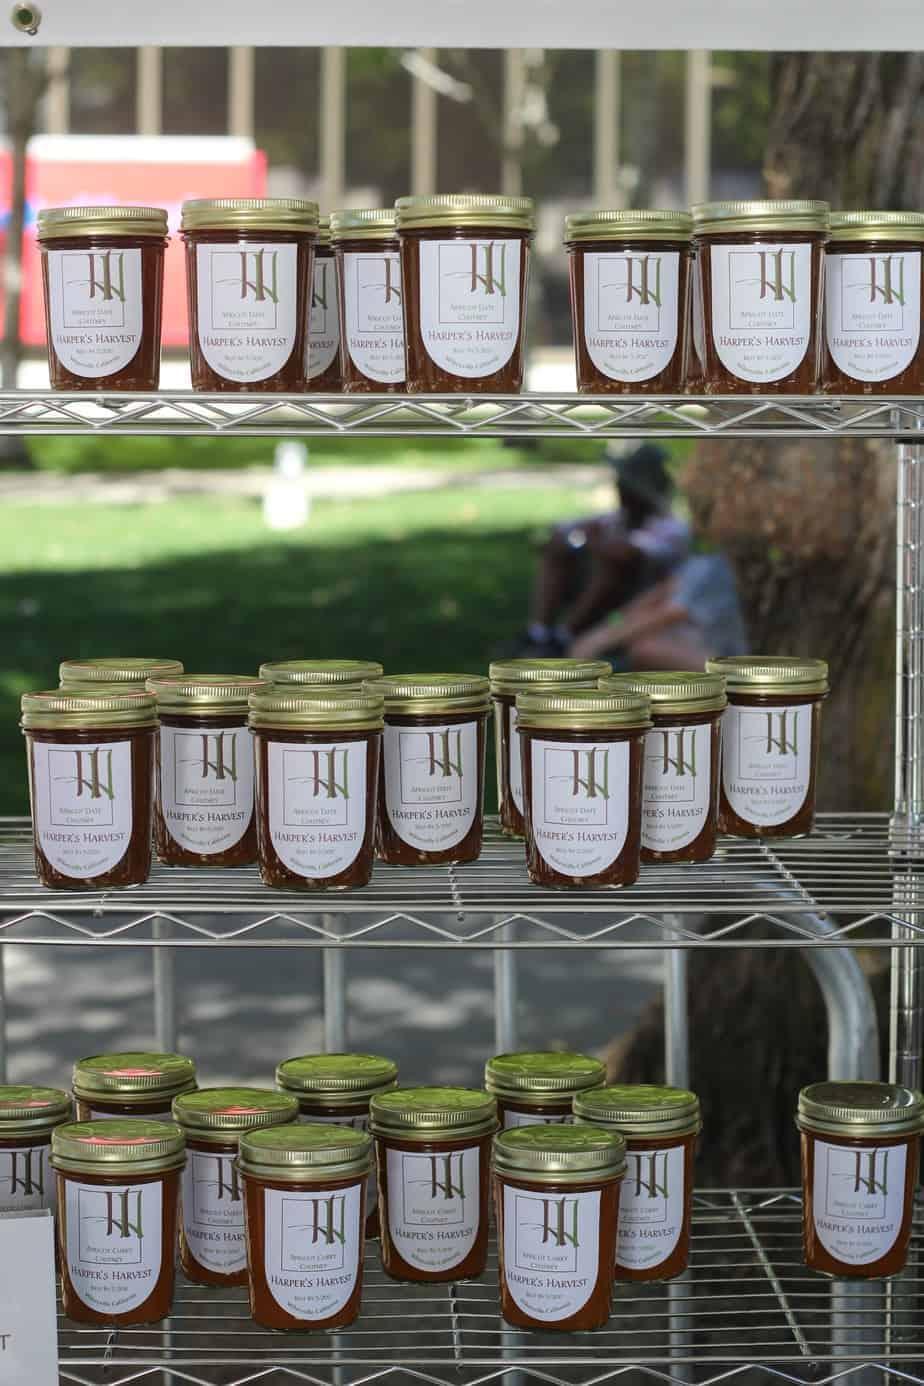 Harper's Harvest jams